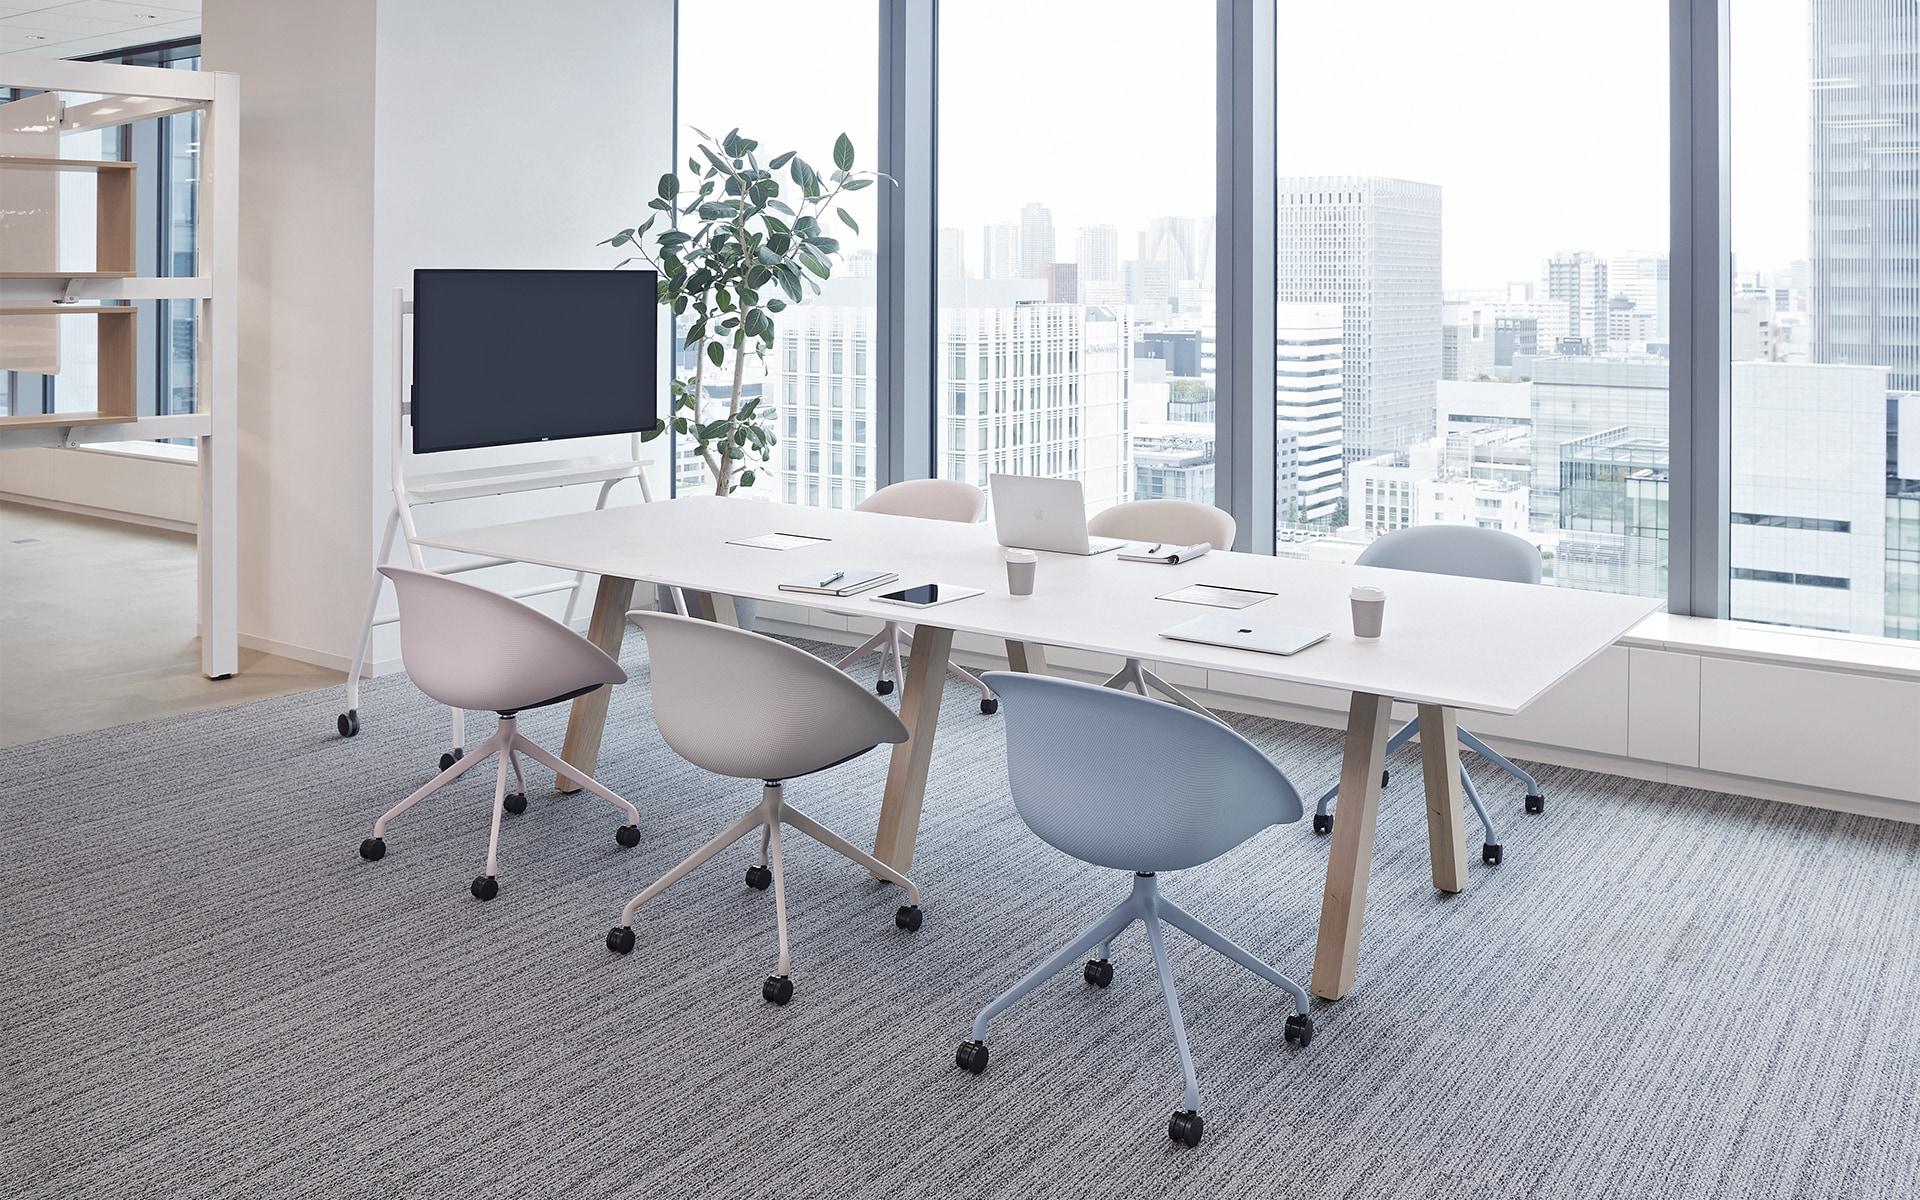 Ein lichtdurchfluteter Konferenzraum mit sechs ITOKI Wan Schalenstühlen von ITO Design in hellrosa, weiß und pastellblau